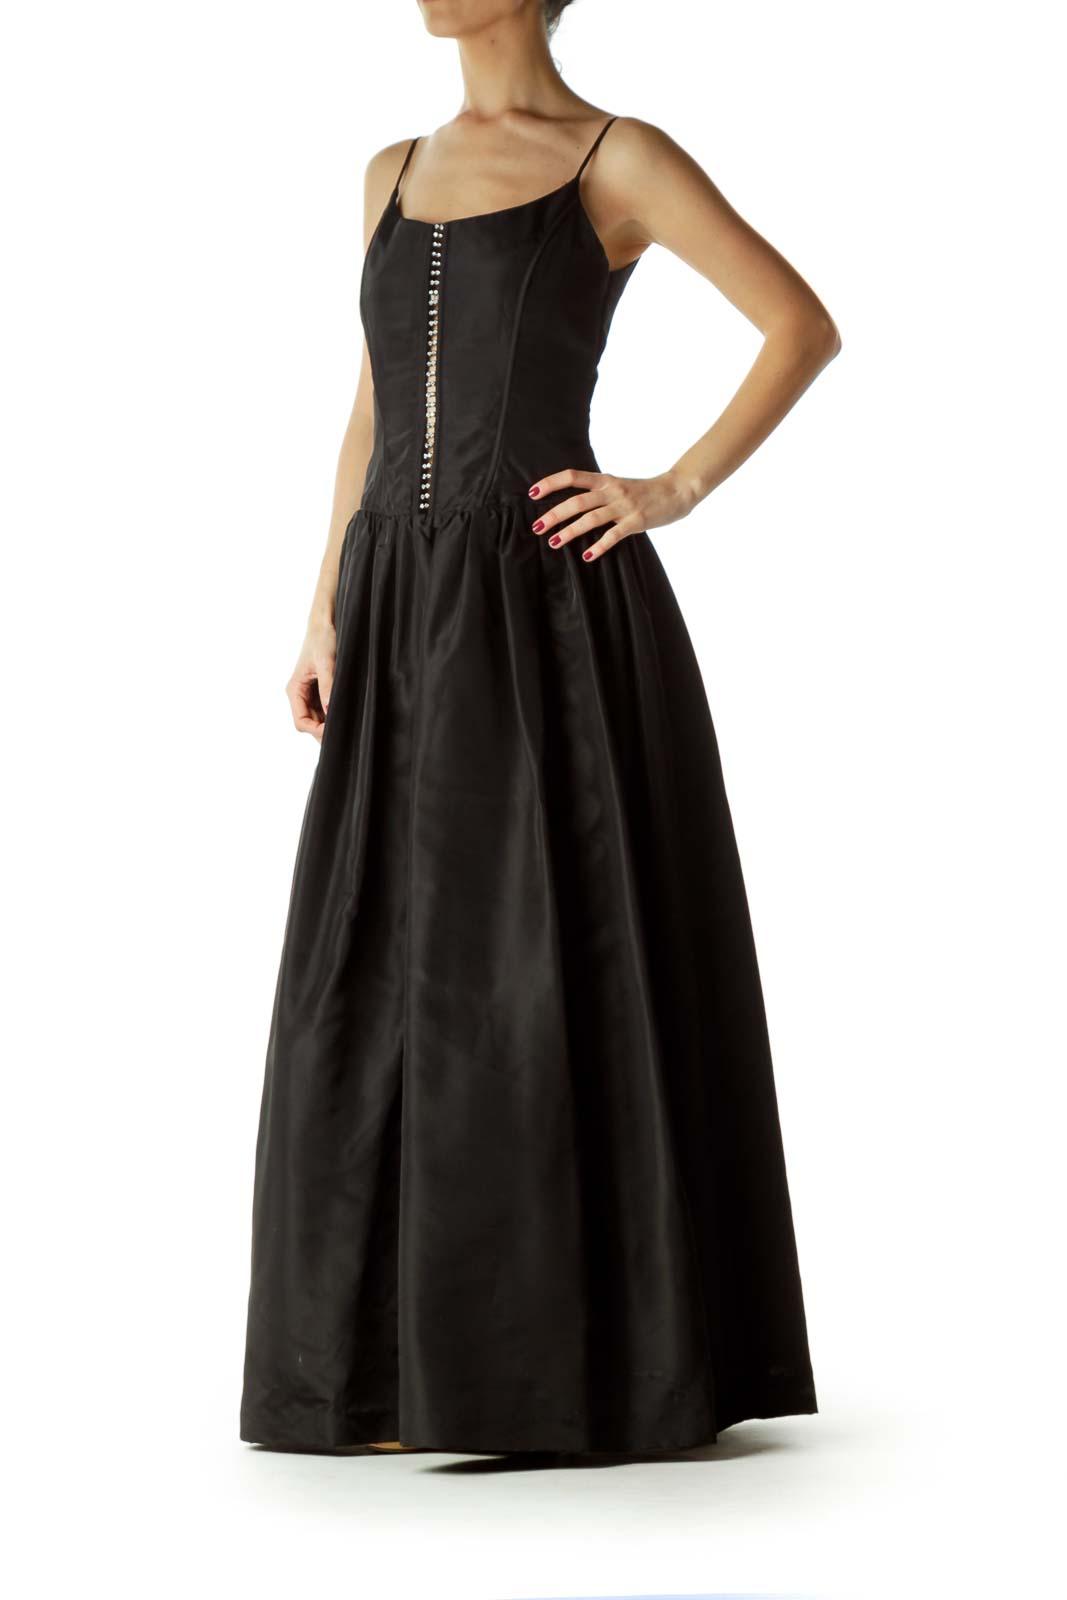 Black Spaghetti Strap Ball Gown